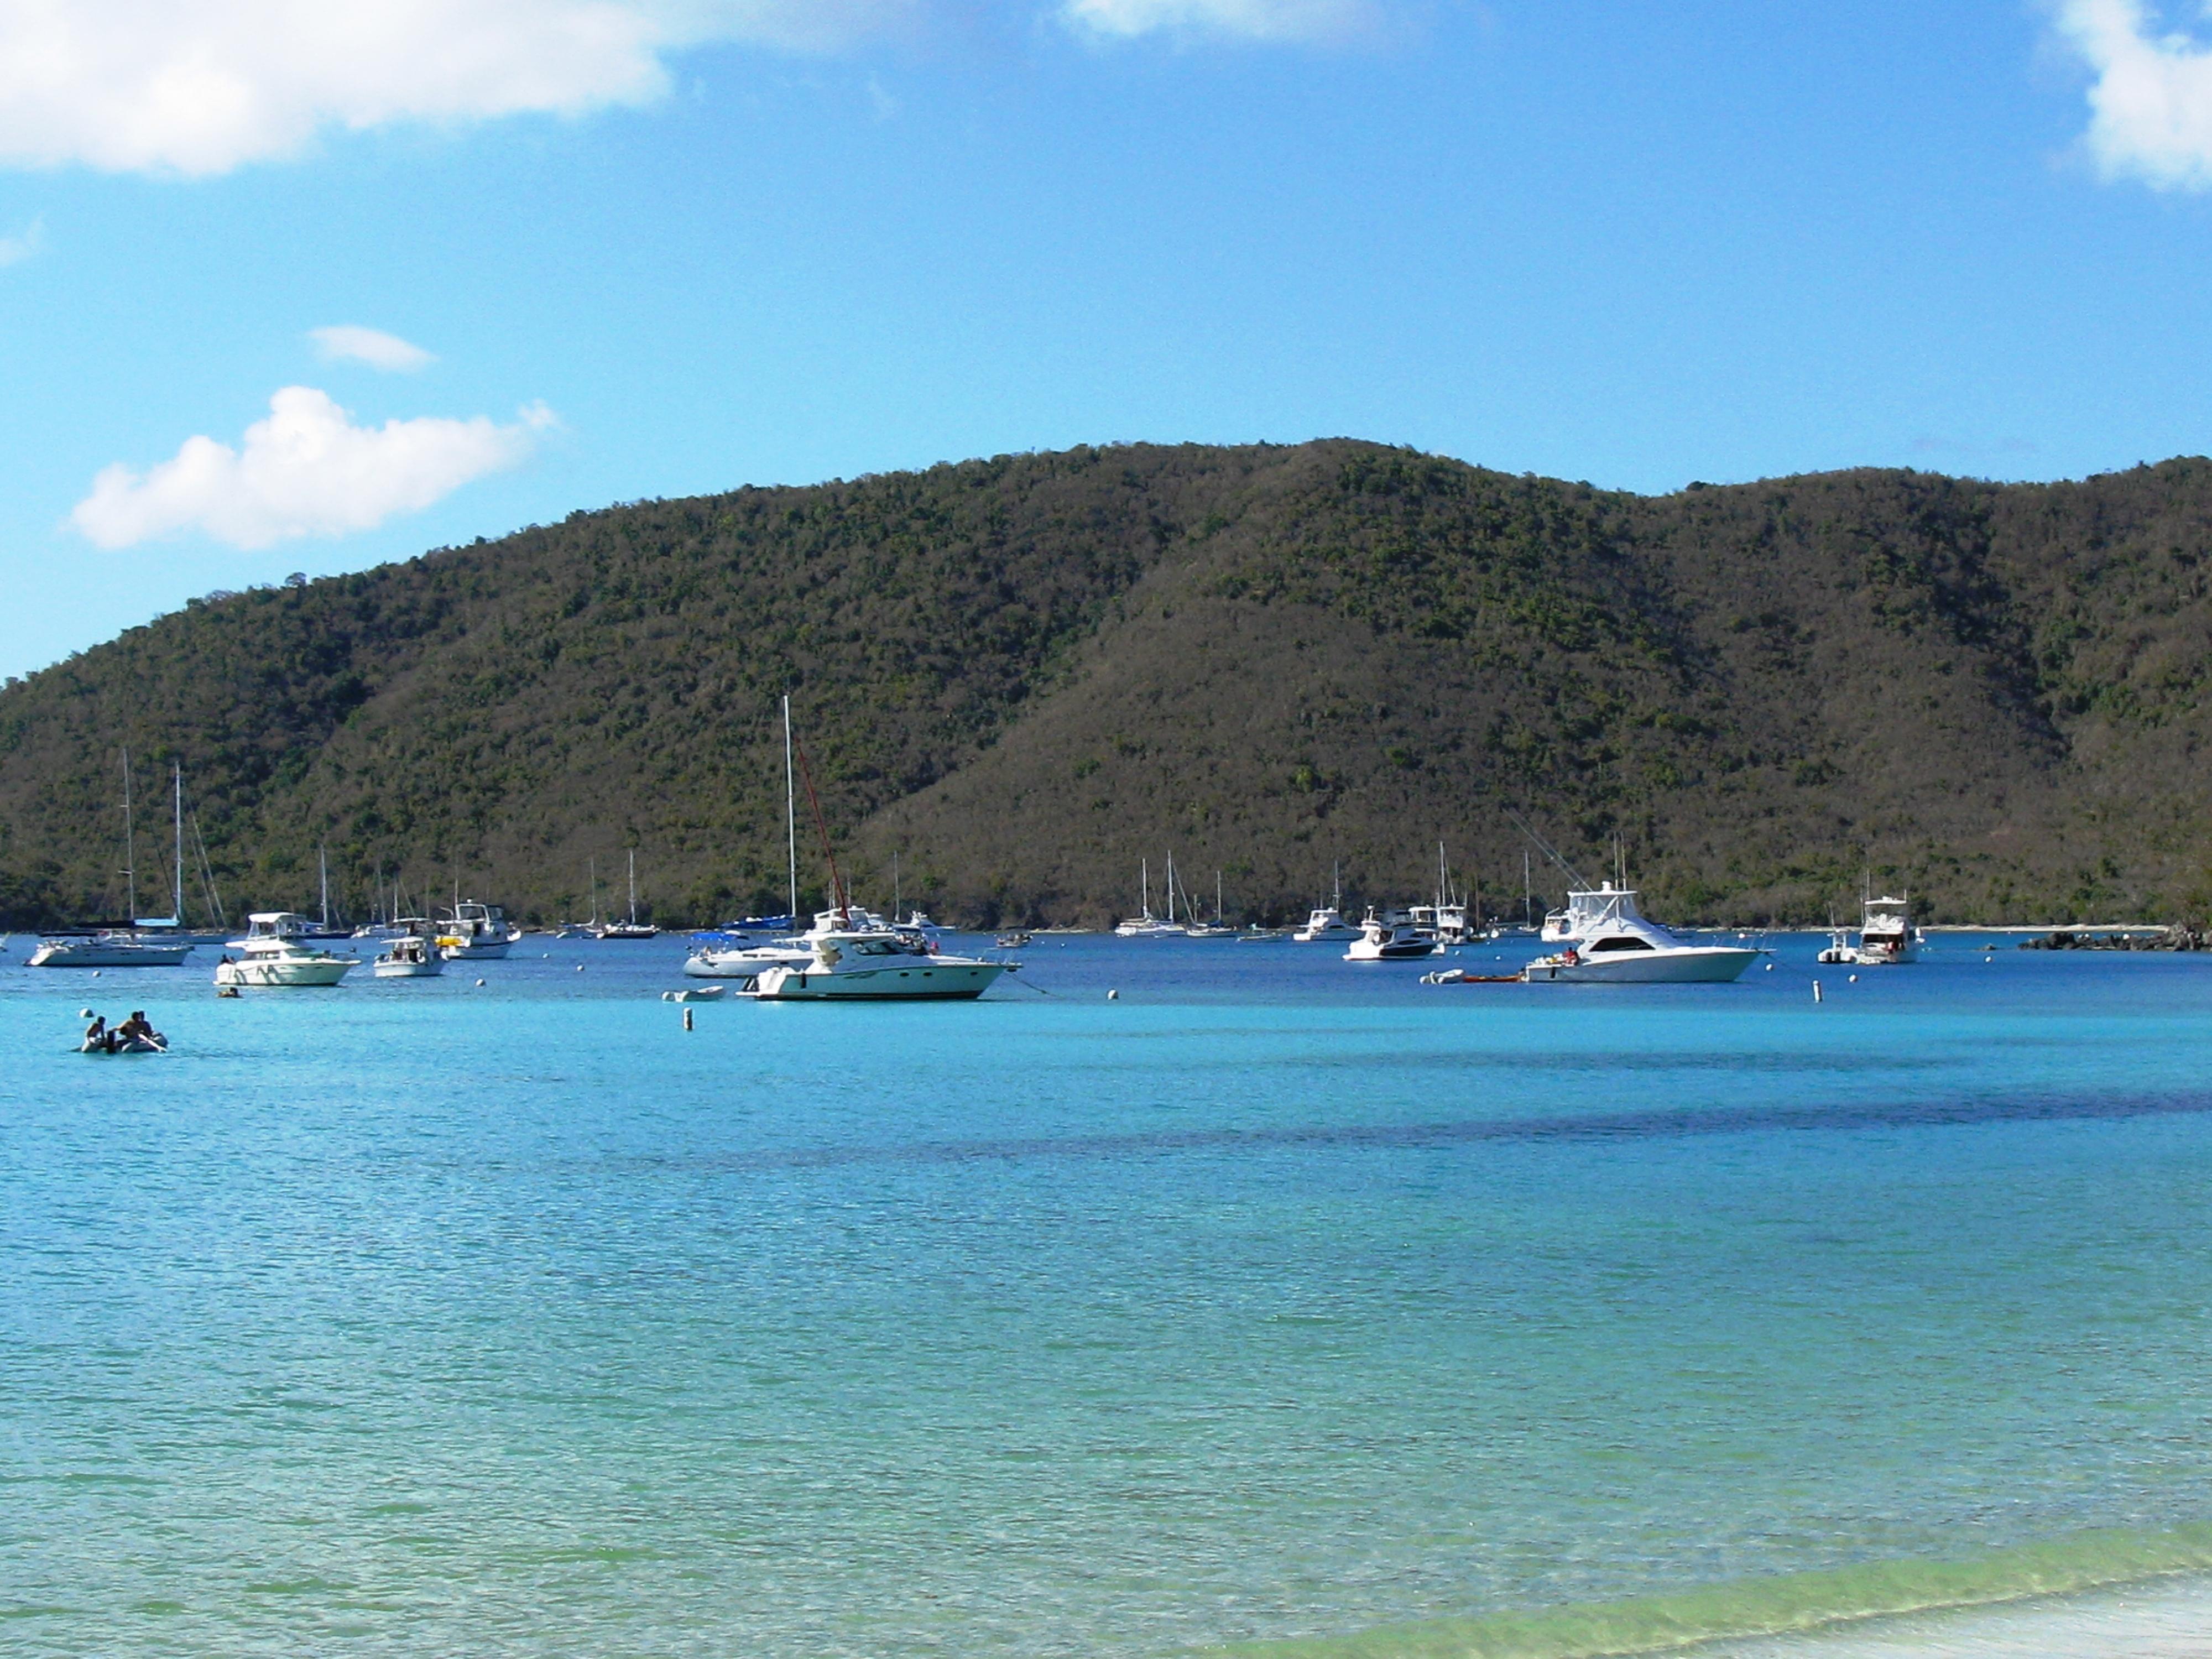 Maho Bay, St. John - Apr 09